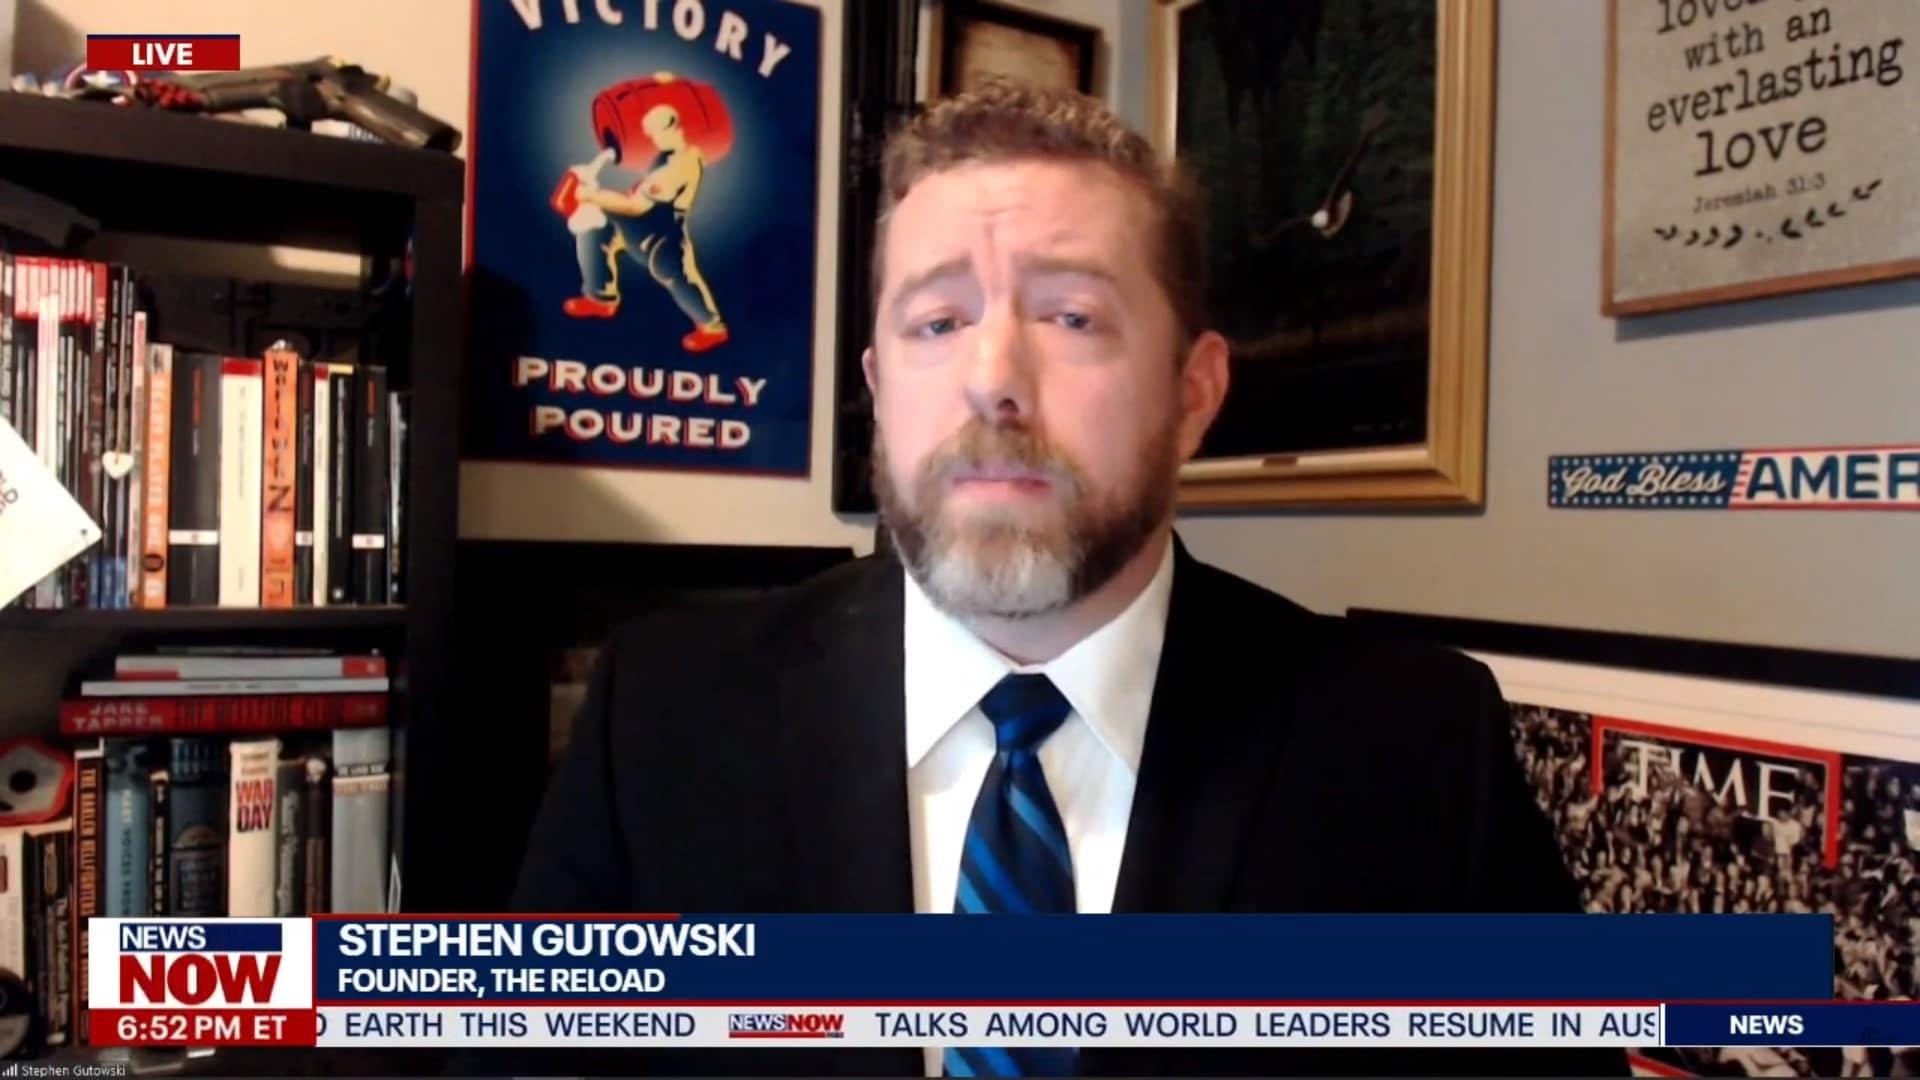 Stephen Gutowski on NewsNow